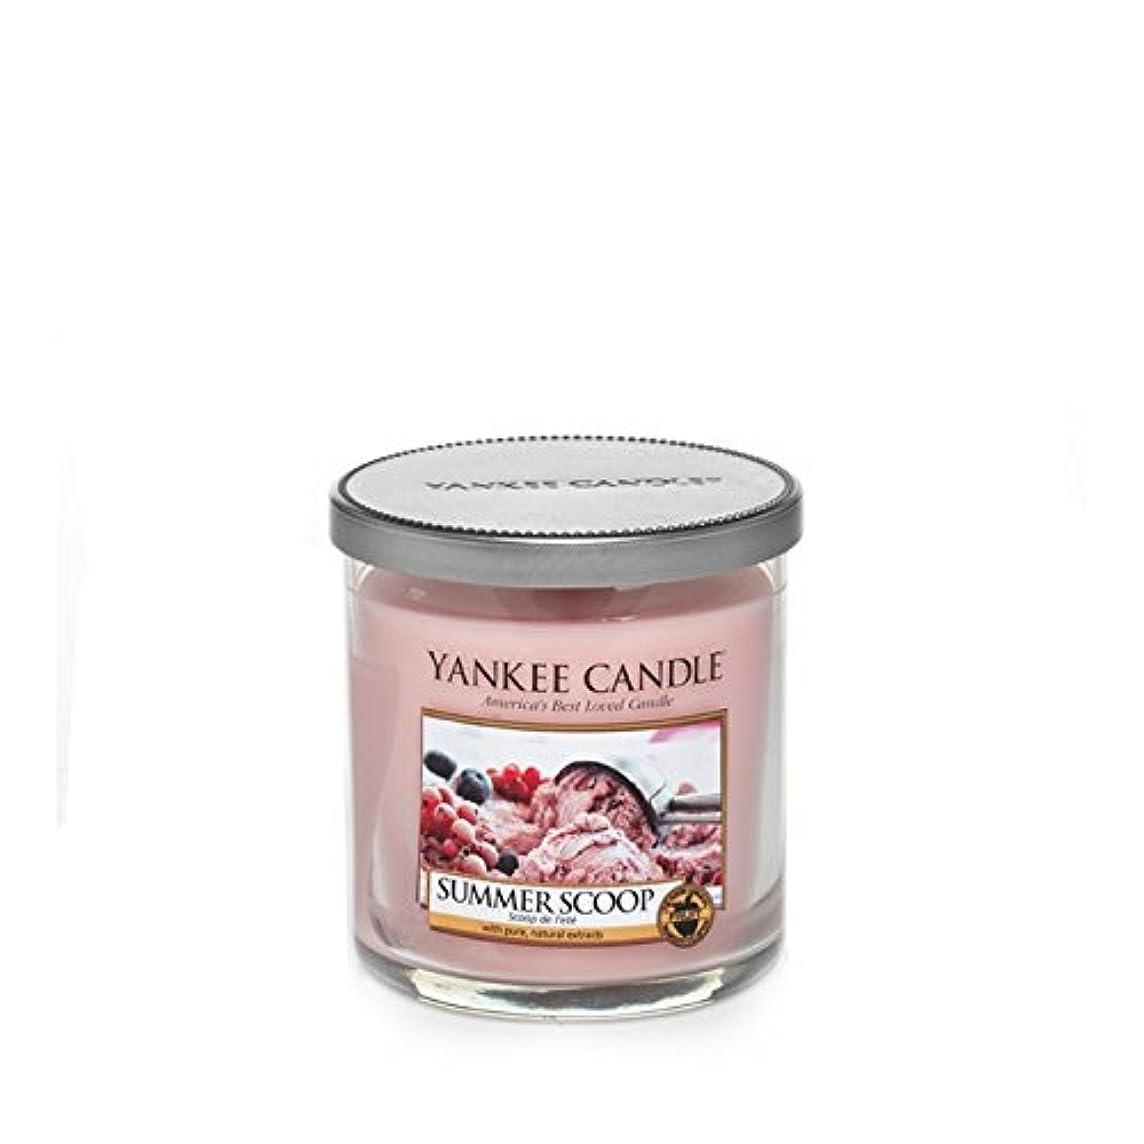 クリエイティブアクセル値下げヤンキーキャンドルの小さな柱キャンドル - 夏のスクープ - Yankee Candles Small Pillar Candle - Summer Scoop (Yankee Candles) [並行輸入品]